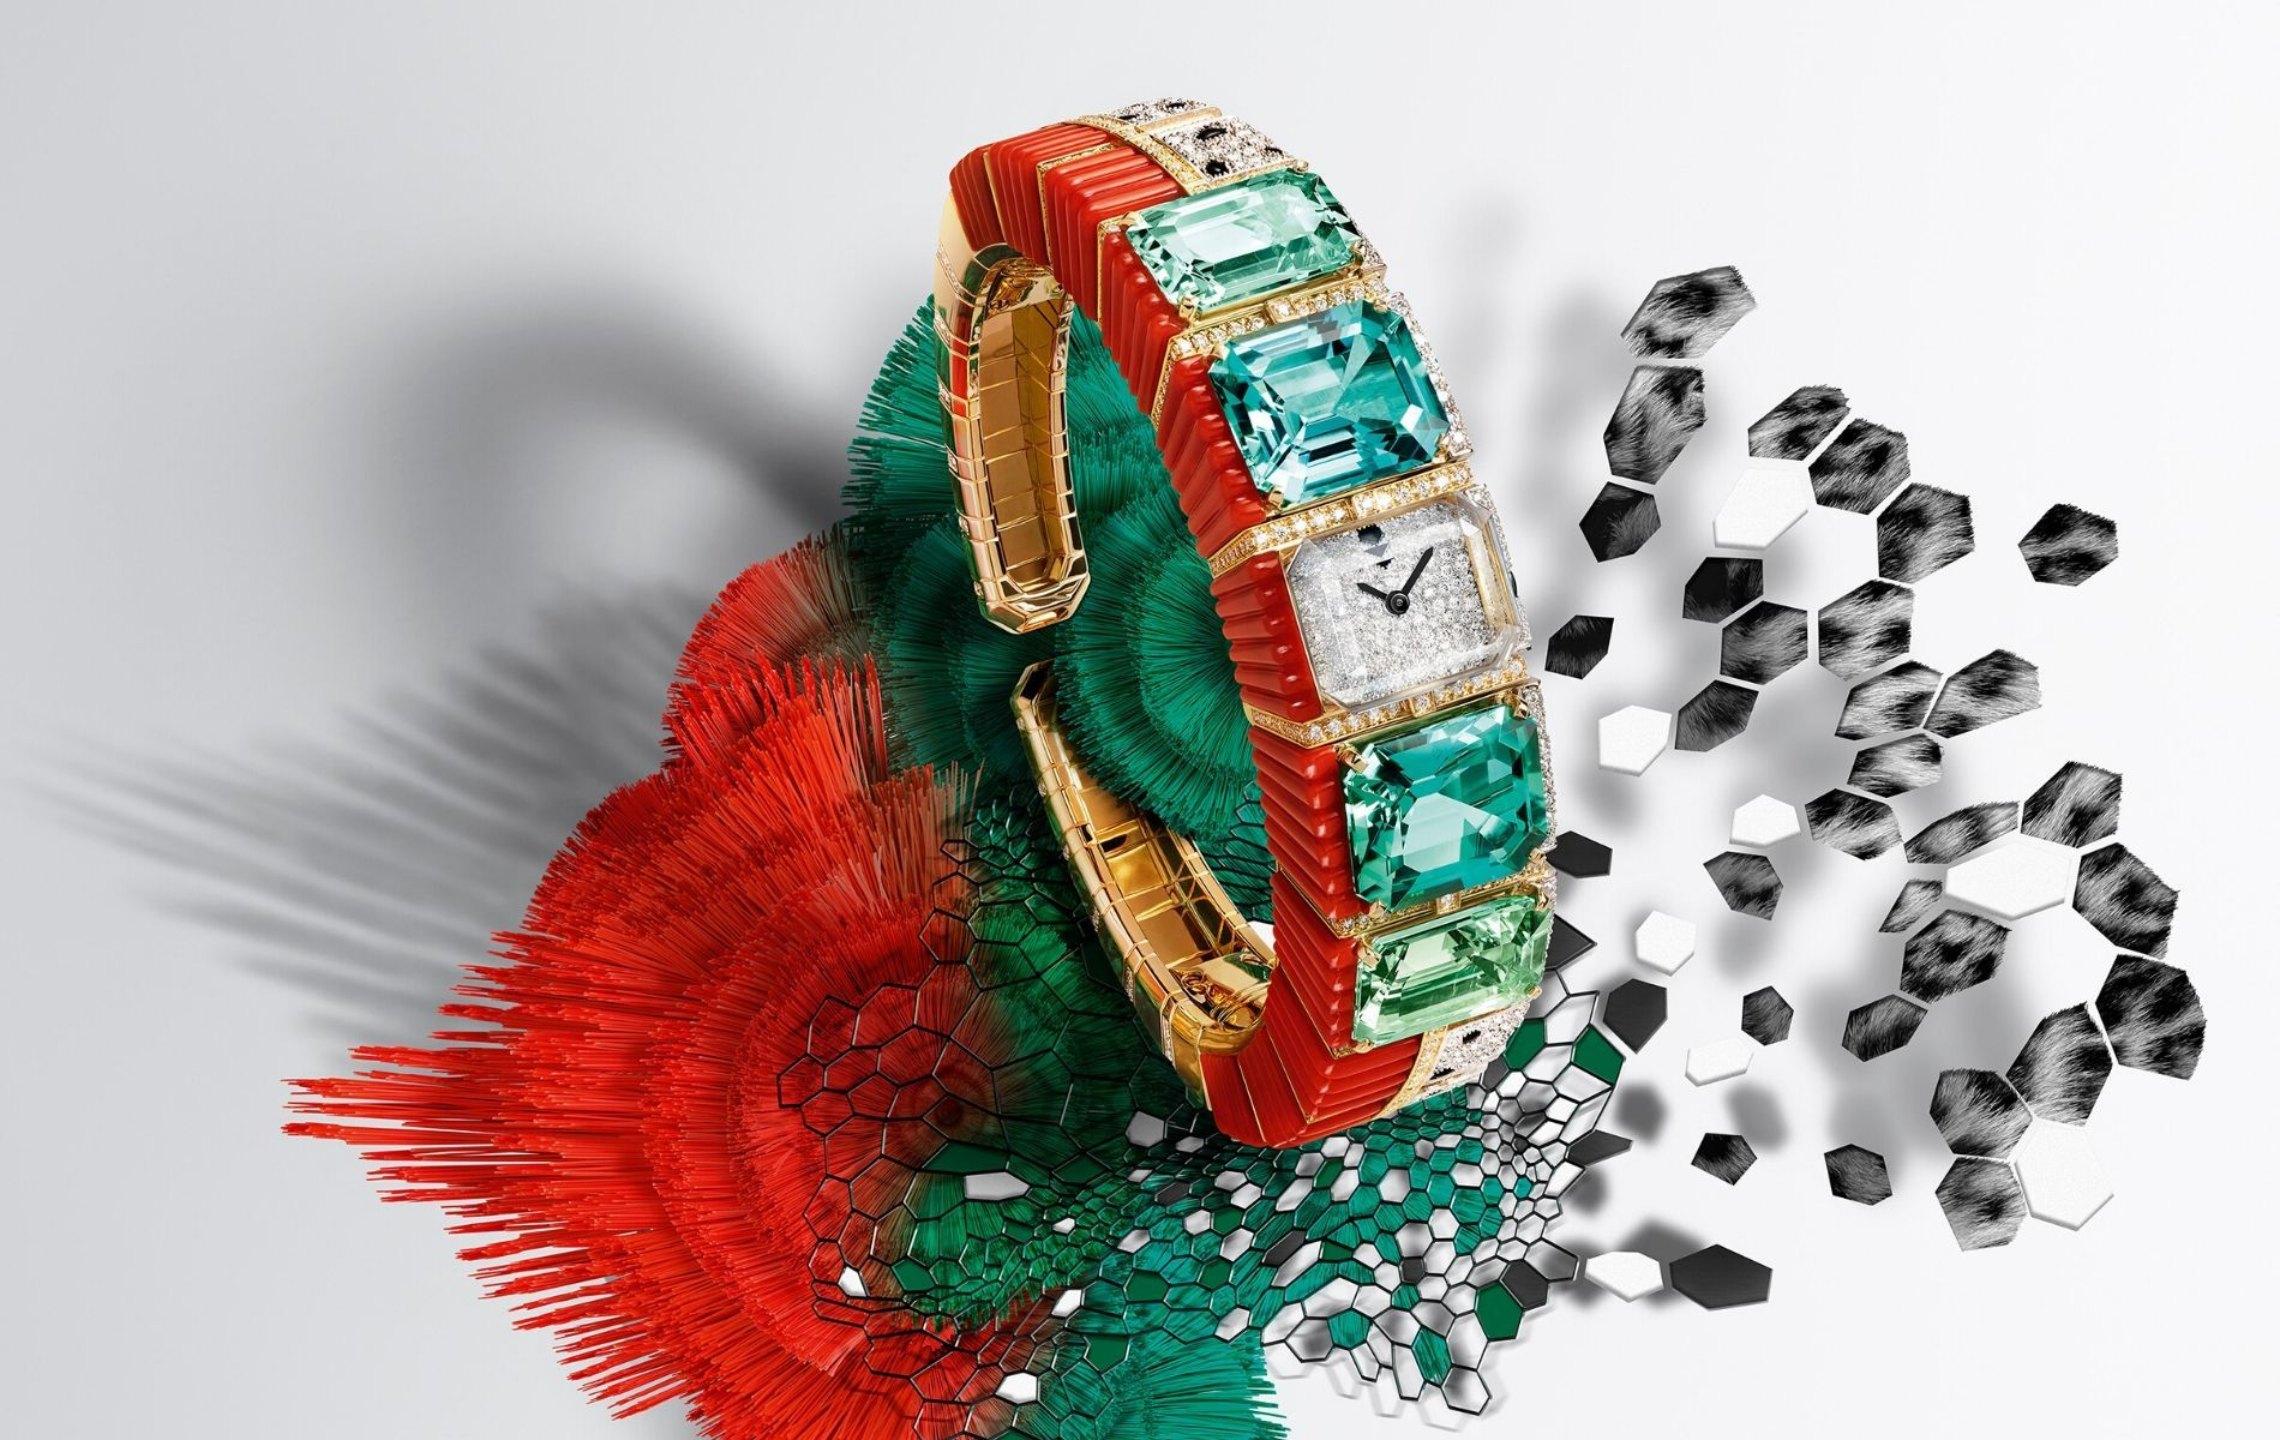 5 mẫu đồng hồ nữ lấp lánh tuyệt đẹp từ thương hiệu Cartier, Chanel, Chaumet, Piaget và Chopard